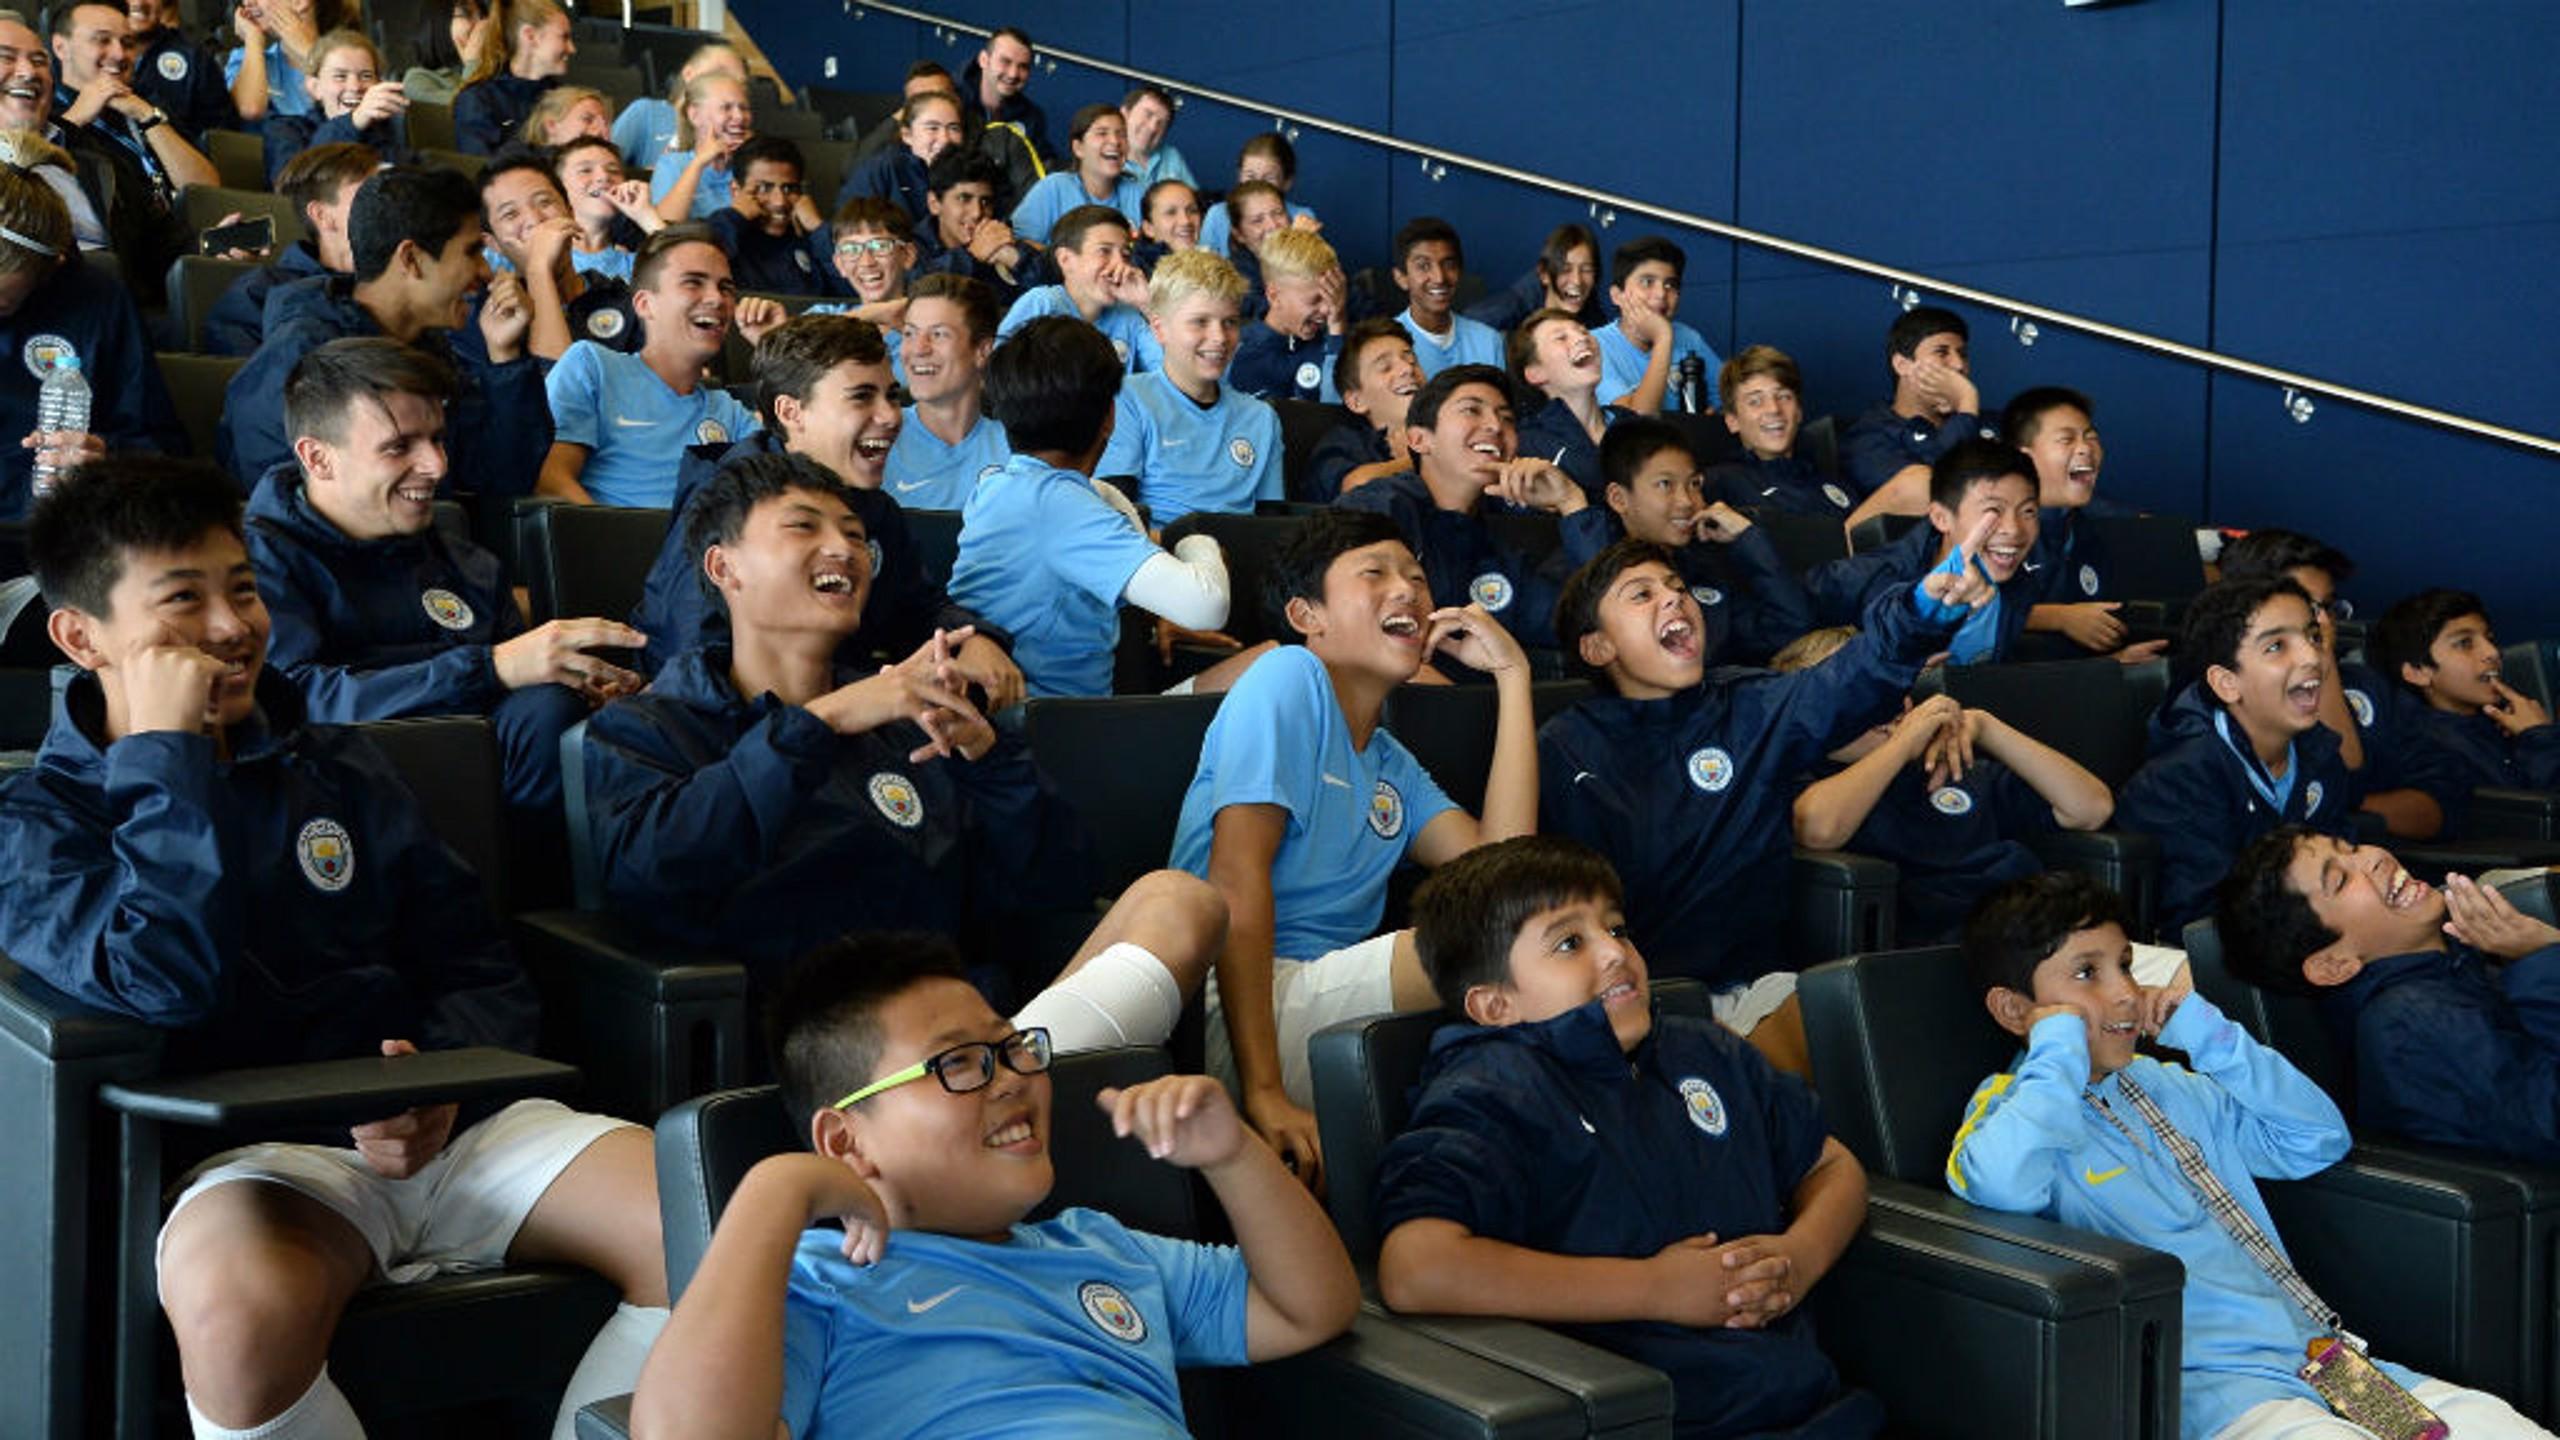 시티 영어 축구 교실